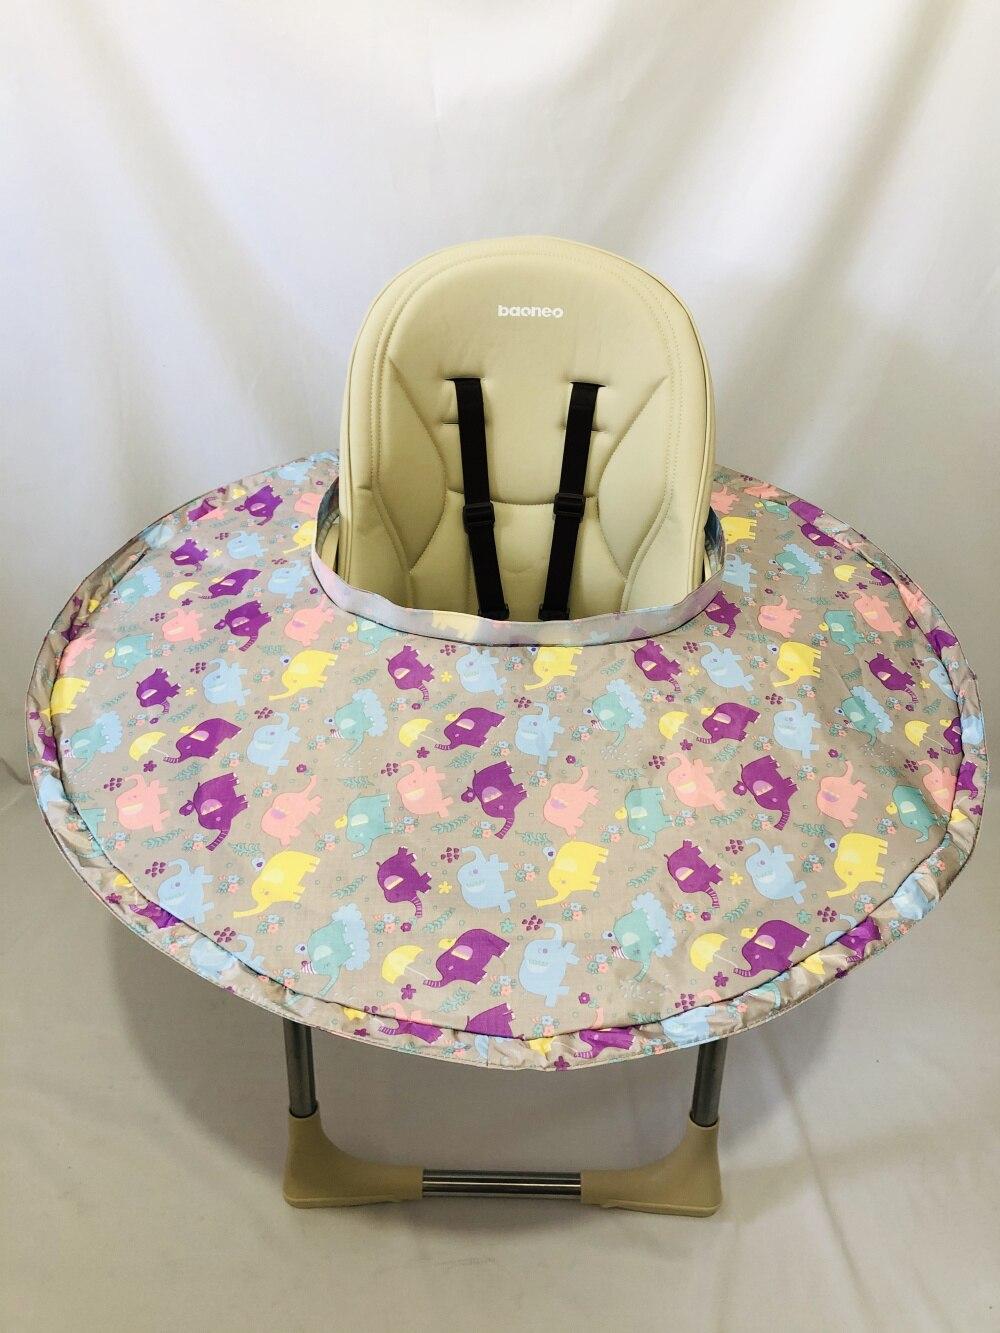 Качественное ресторанное и домашнее детское блюдце для кормления, чехол на стульчик для кормления, зародыши предотвращает падение еды и игрушек на пол - Цвет: Elephant